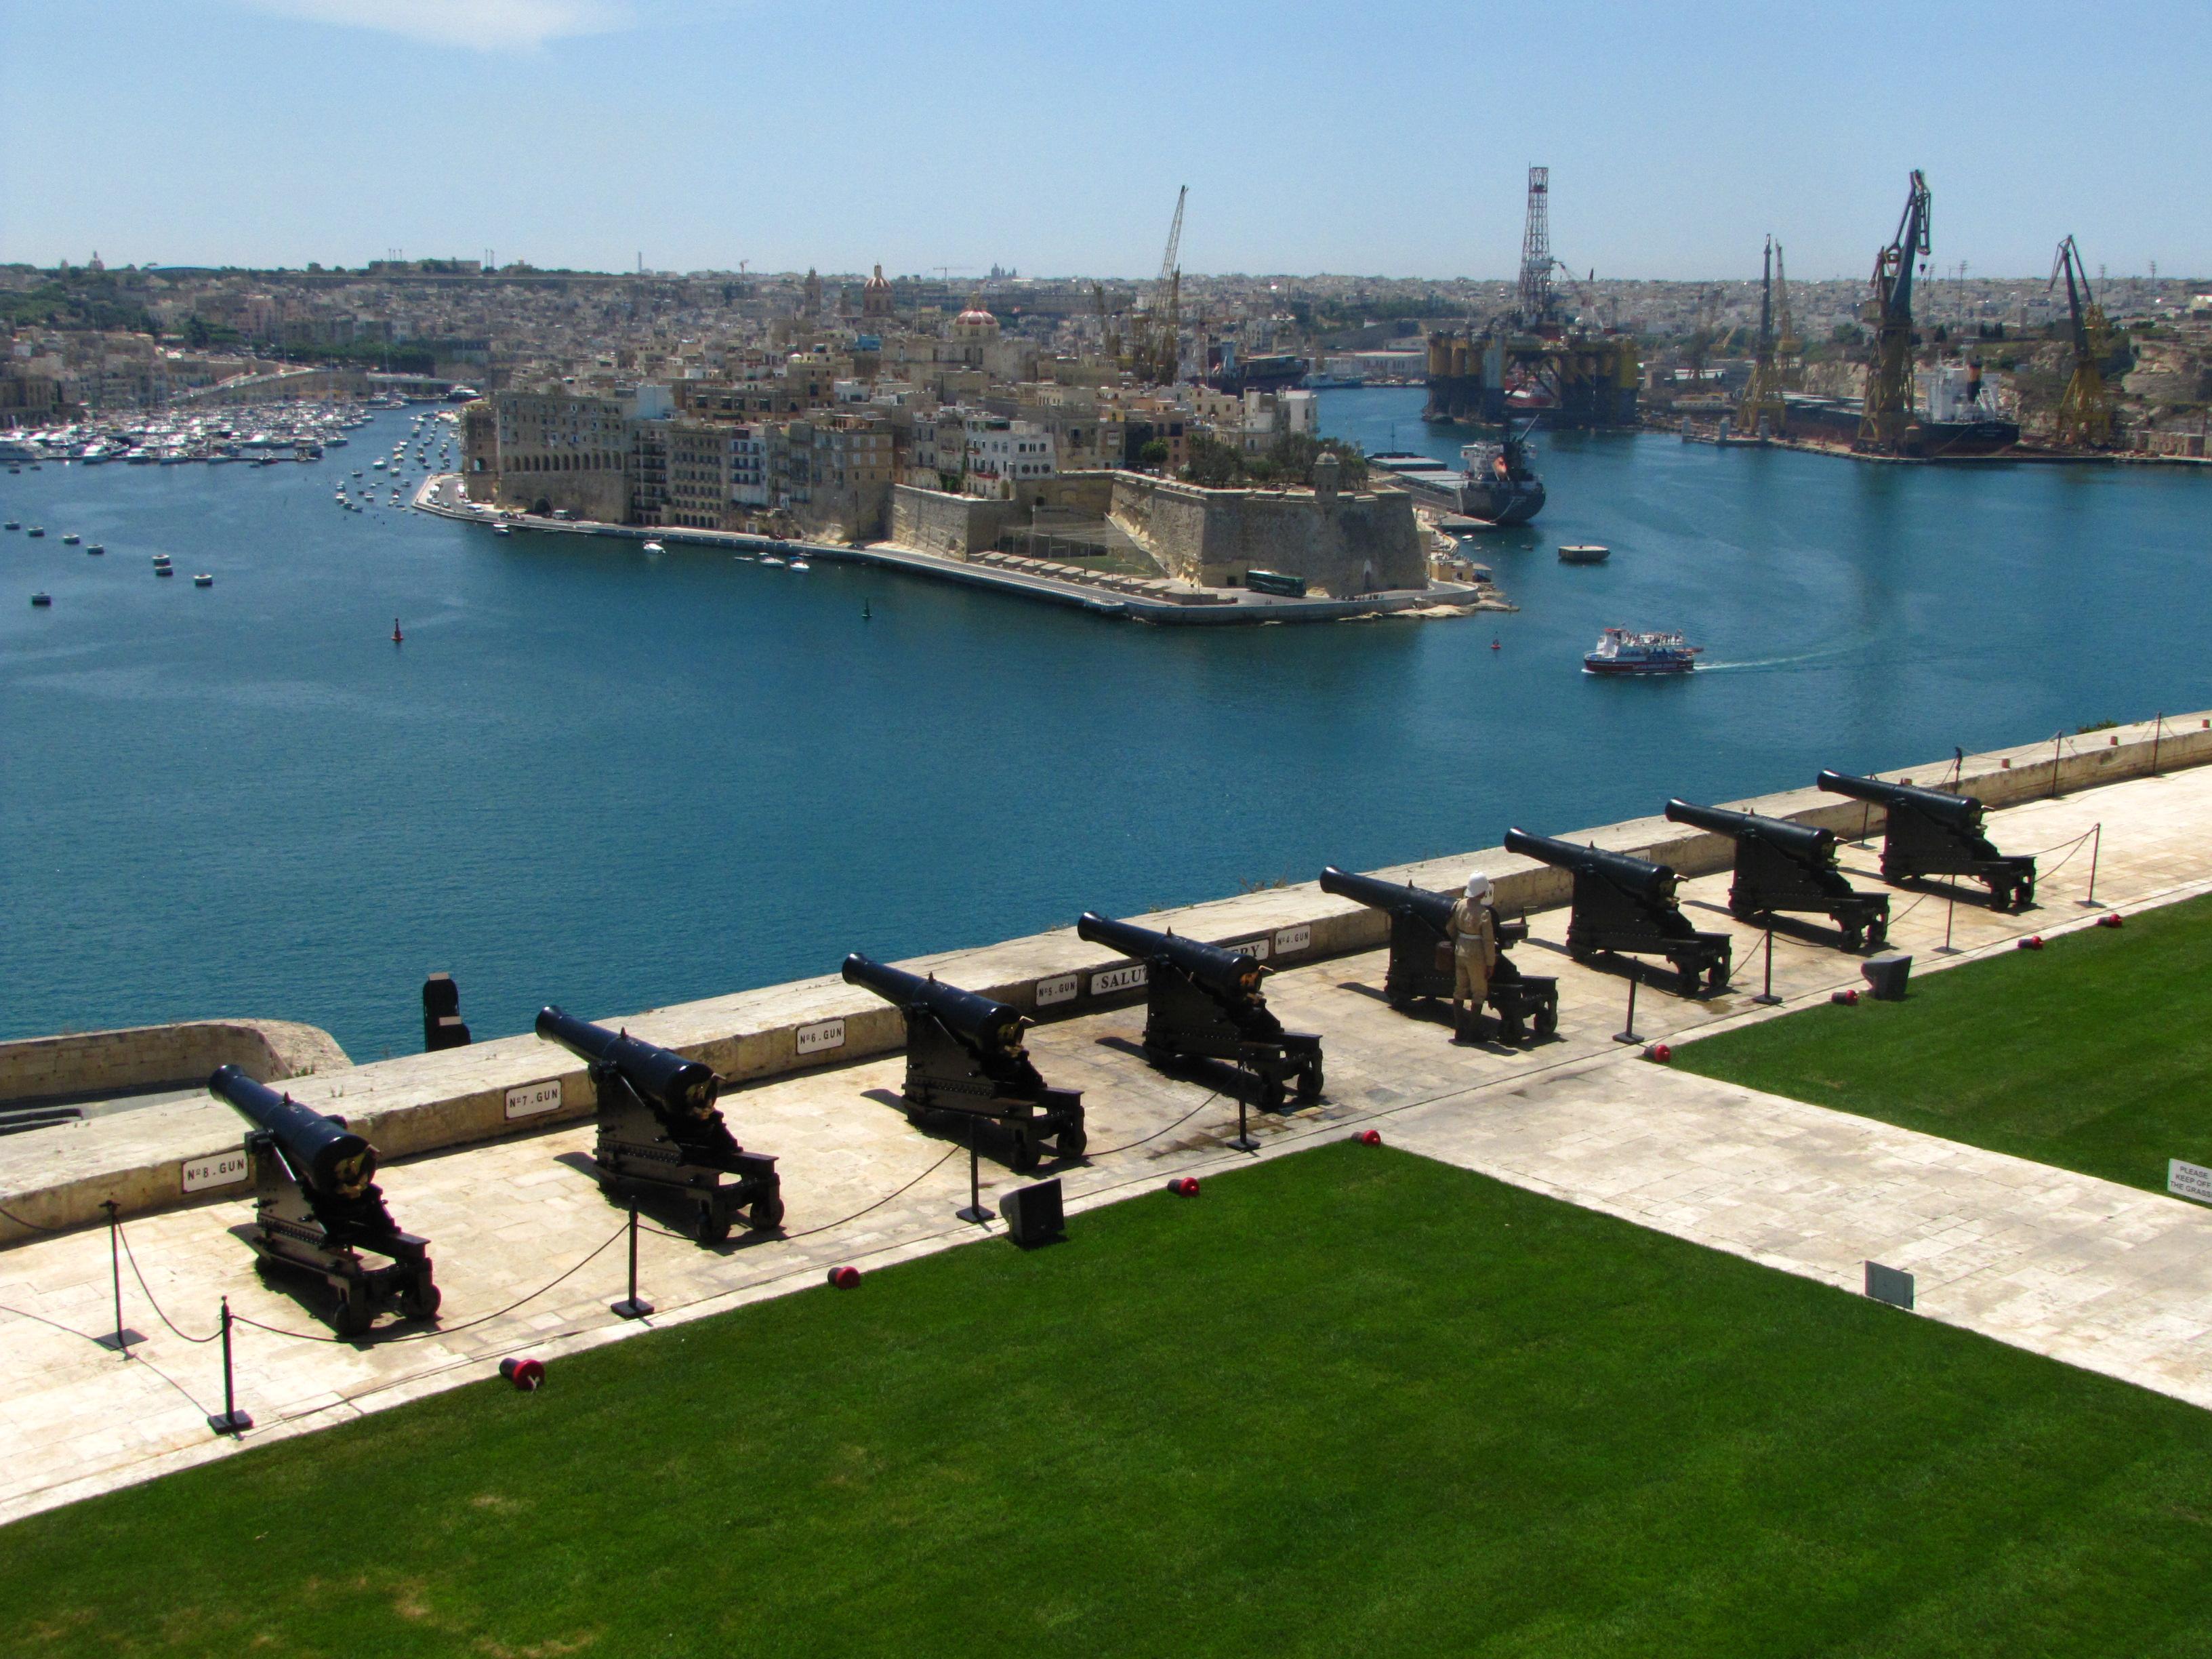 Поглед към оръдията, пристанището и съседните градове